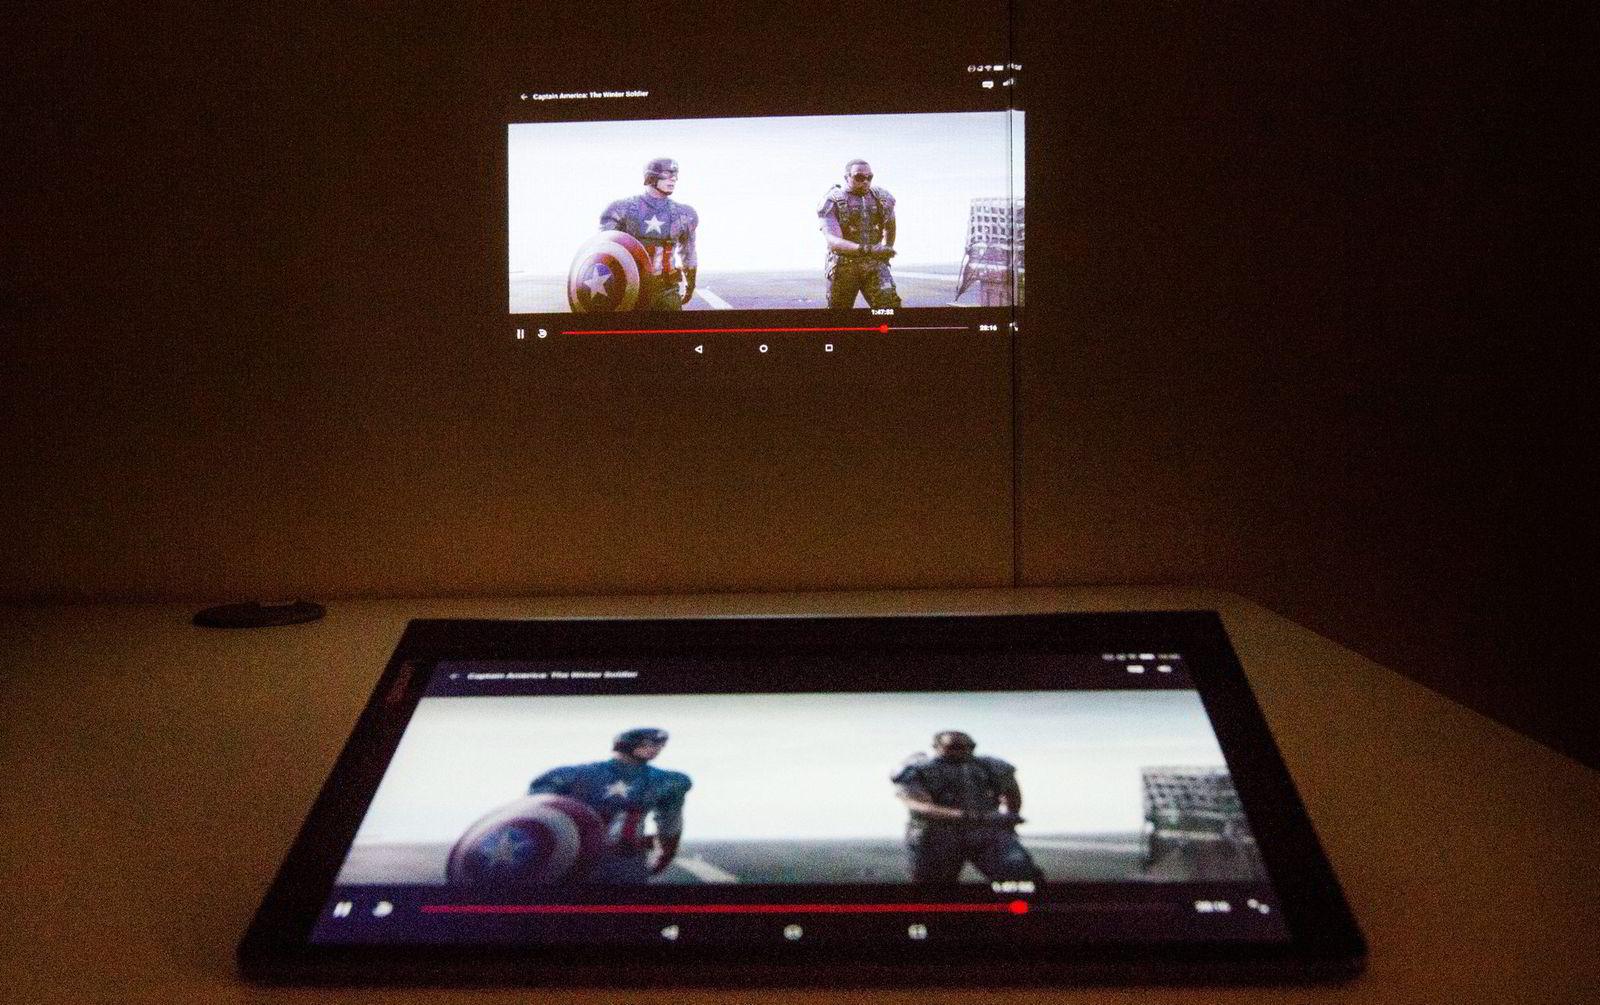 Nettbrettet Lenovo Yoga 3 Pro er utstyrt med projektor, til film eller presentasjonsbruk.